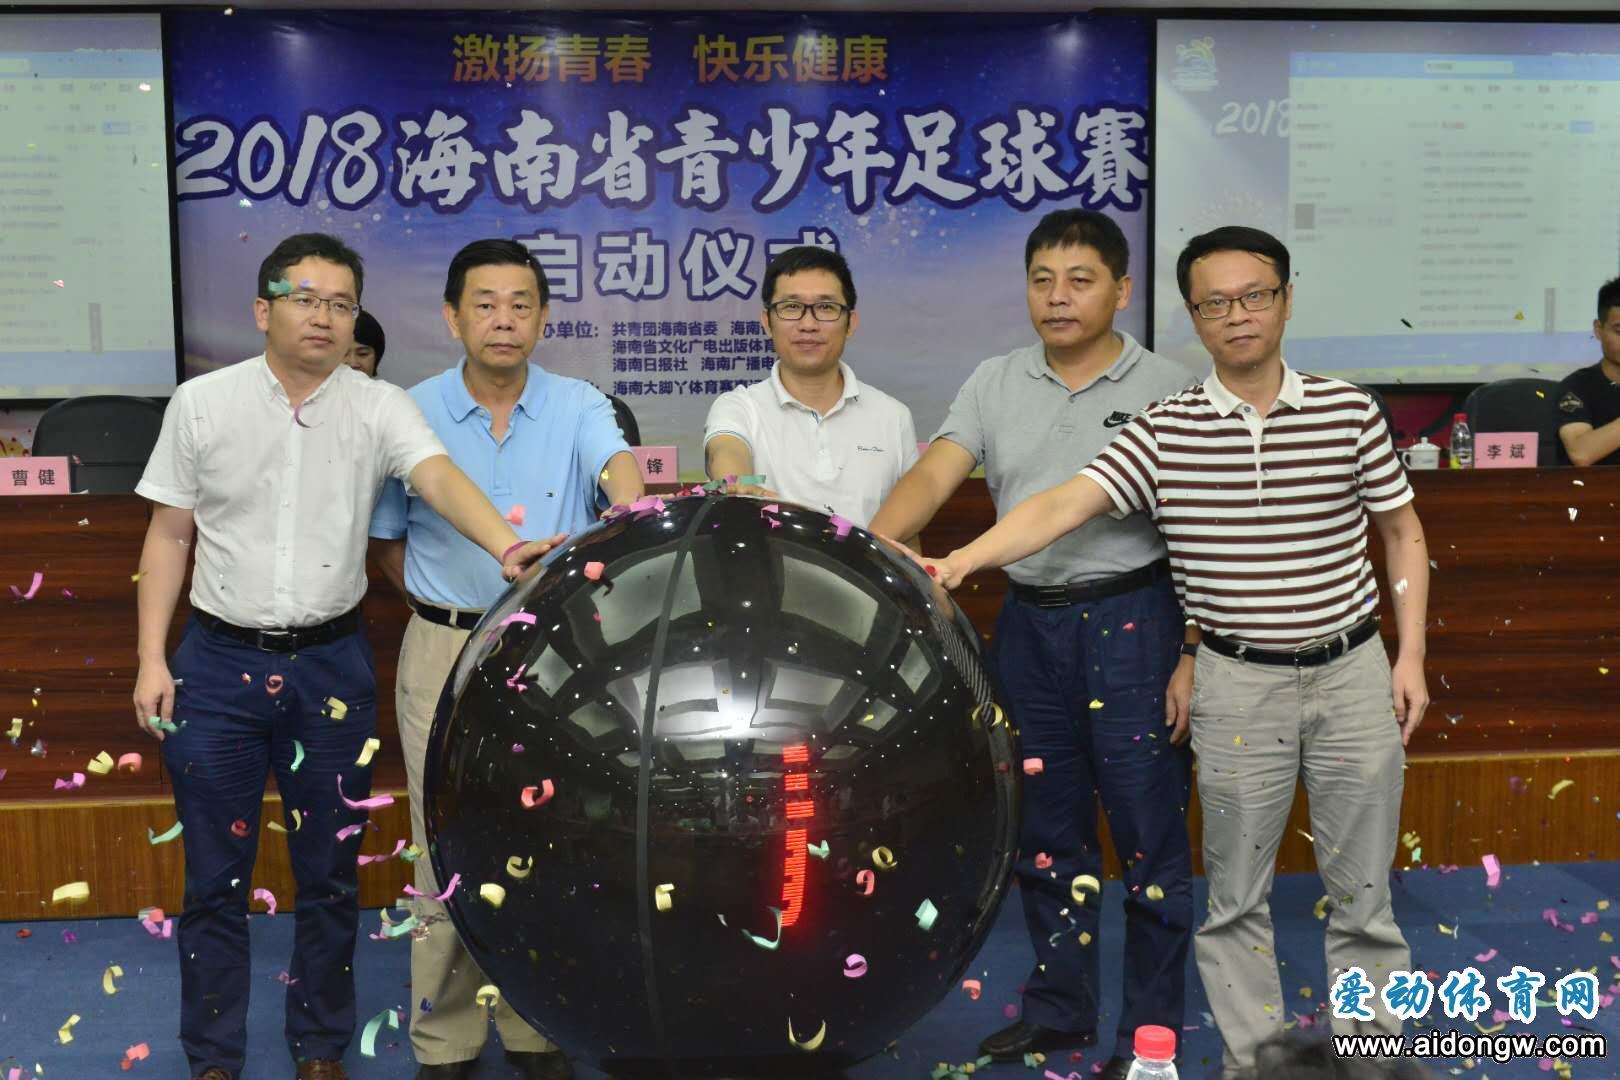 2018海南省青少年足球赛启动   市县组部队企业组及省直组抽签分组出炉